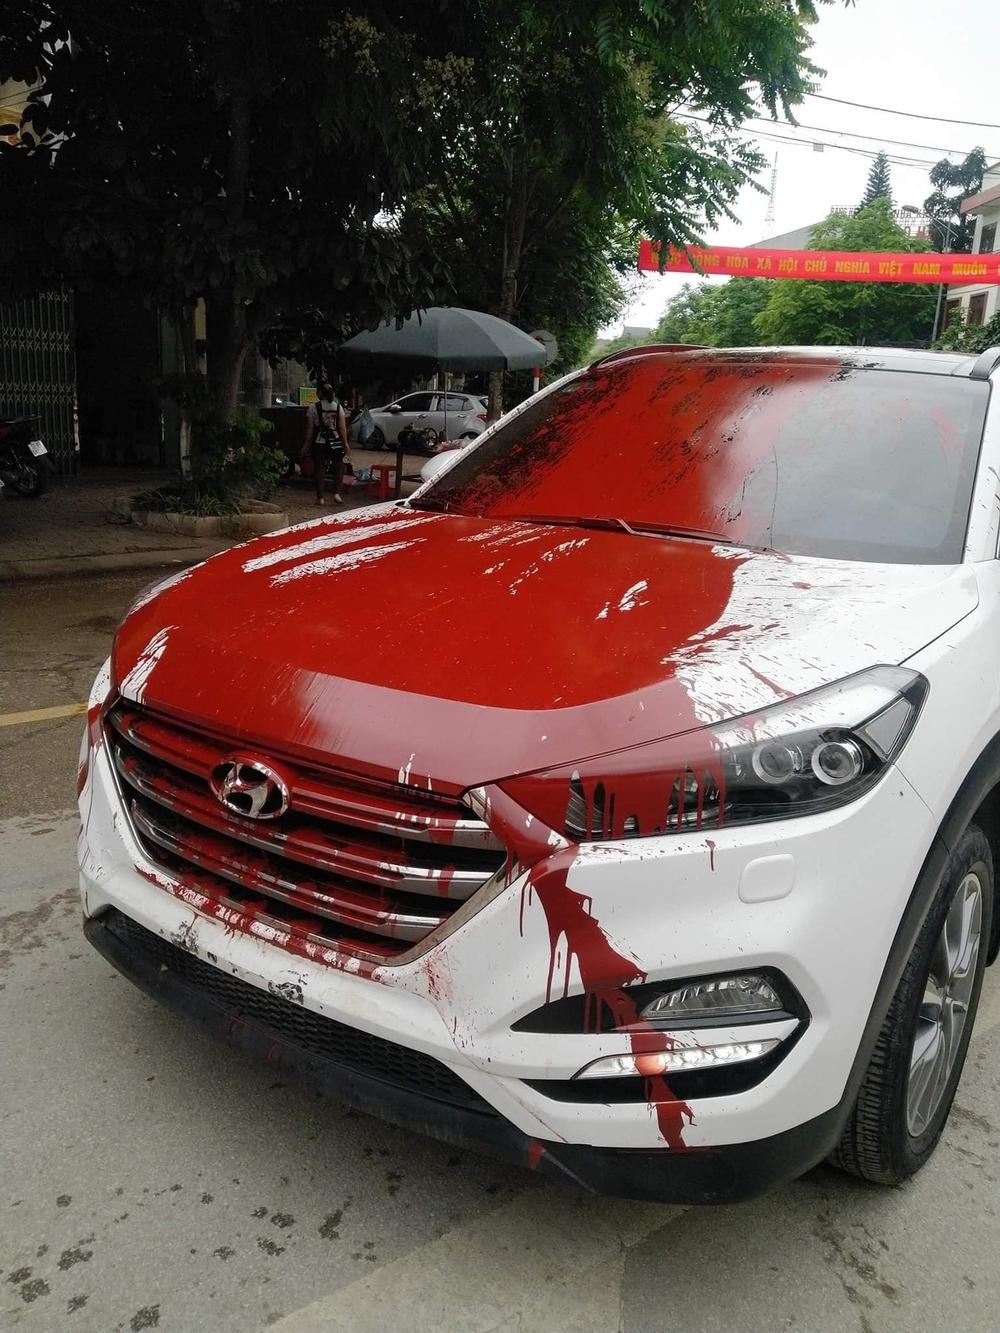 Hình ảnh ô tô trắng bị vấy sơn đỏ khắp thân xe khiến các diễn mạng sôi sục trong ngày cuối tuần - Ảnh 2.